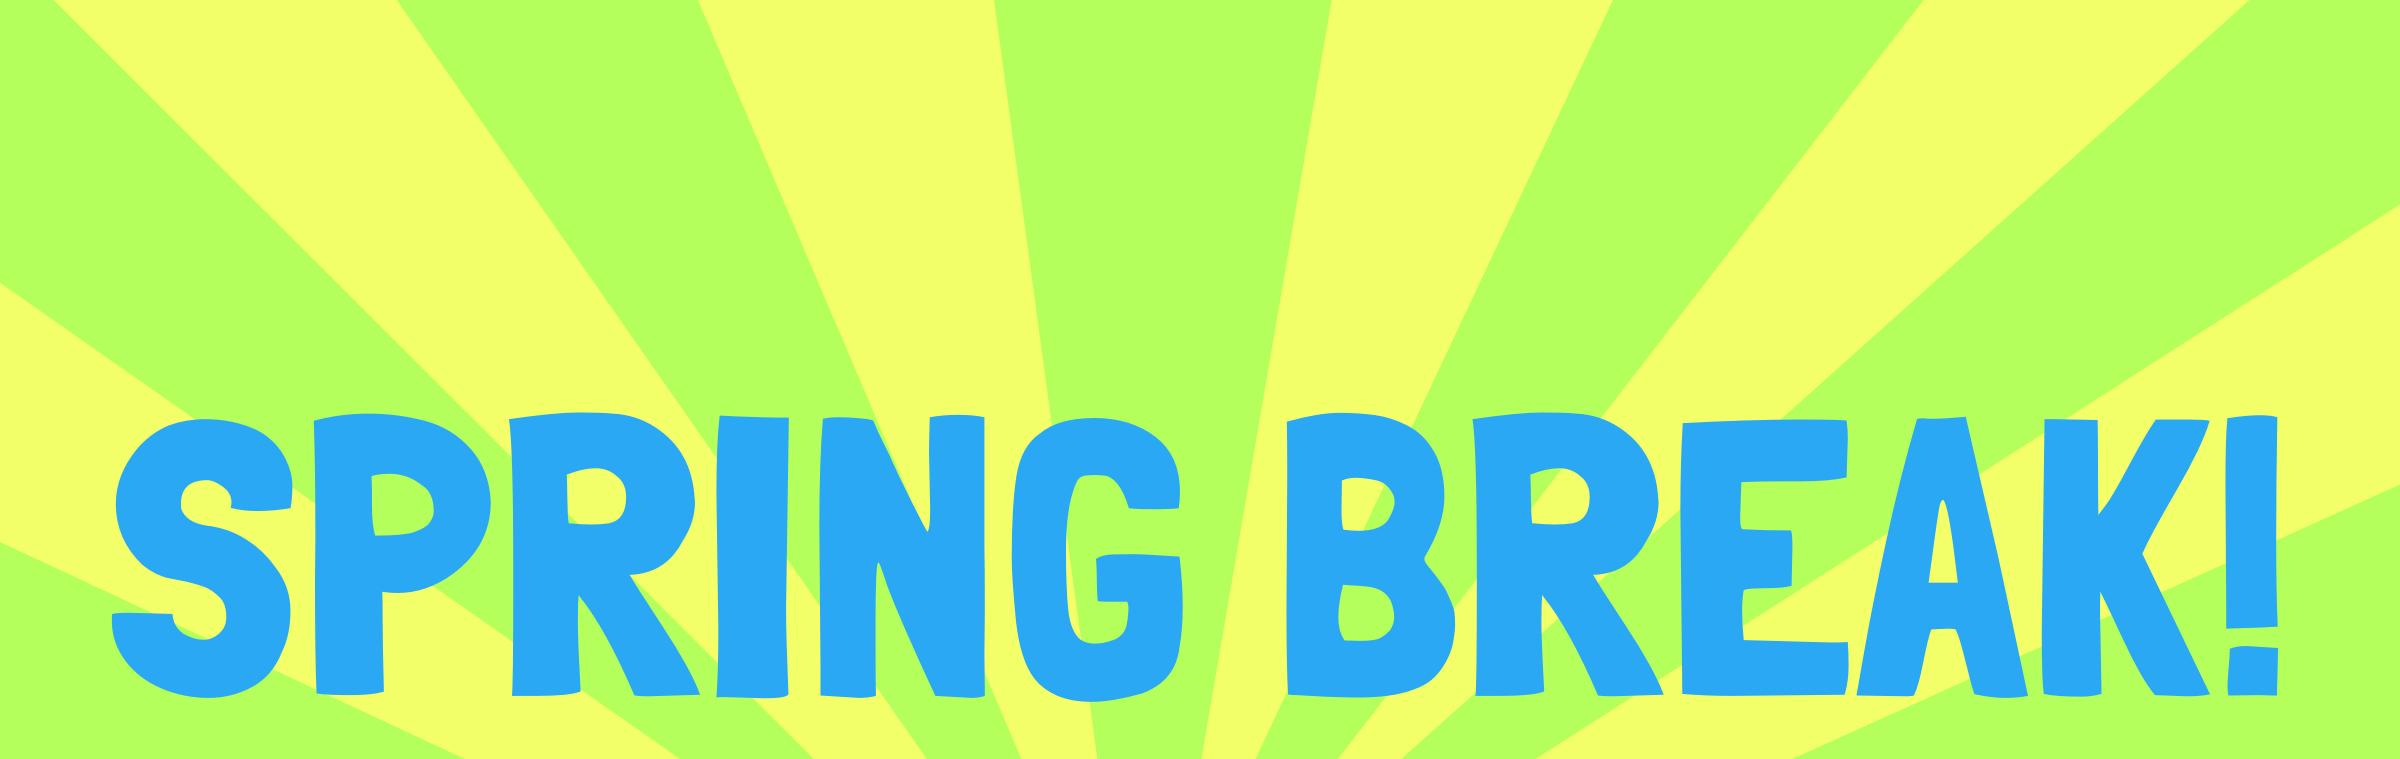 2400x759 Spring Break Clip Art 7